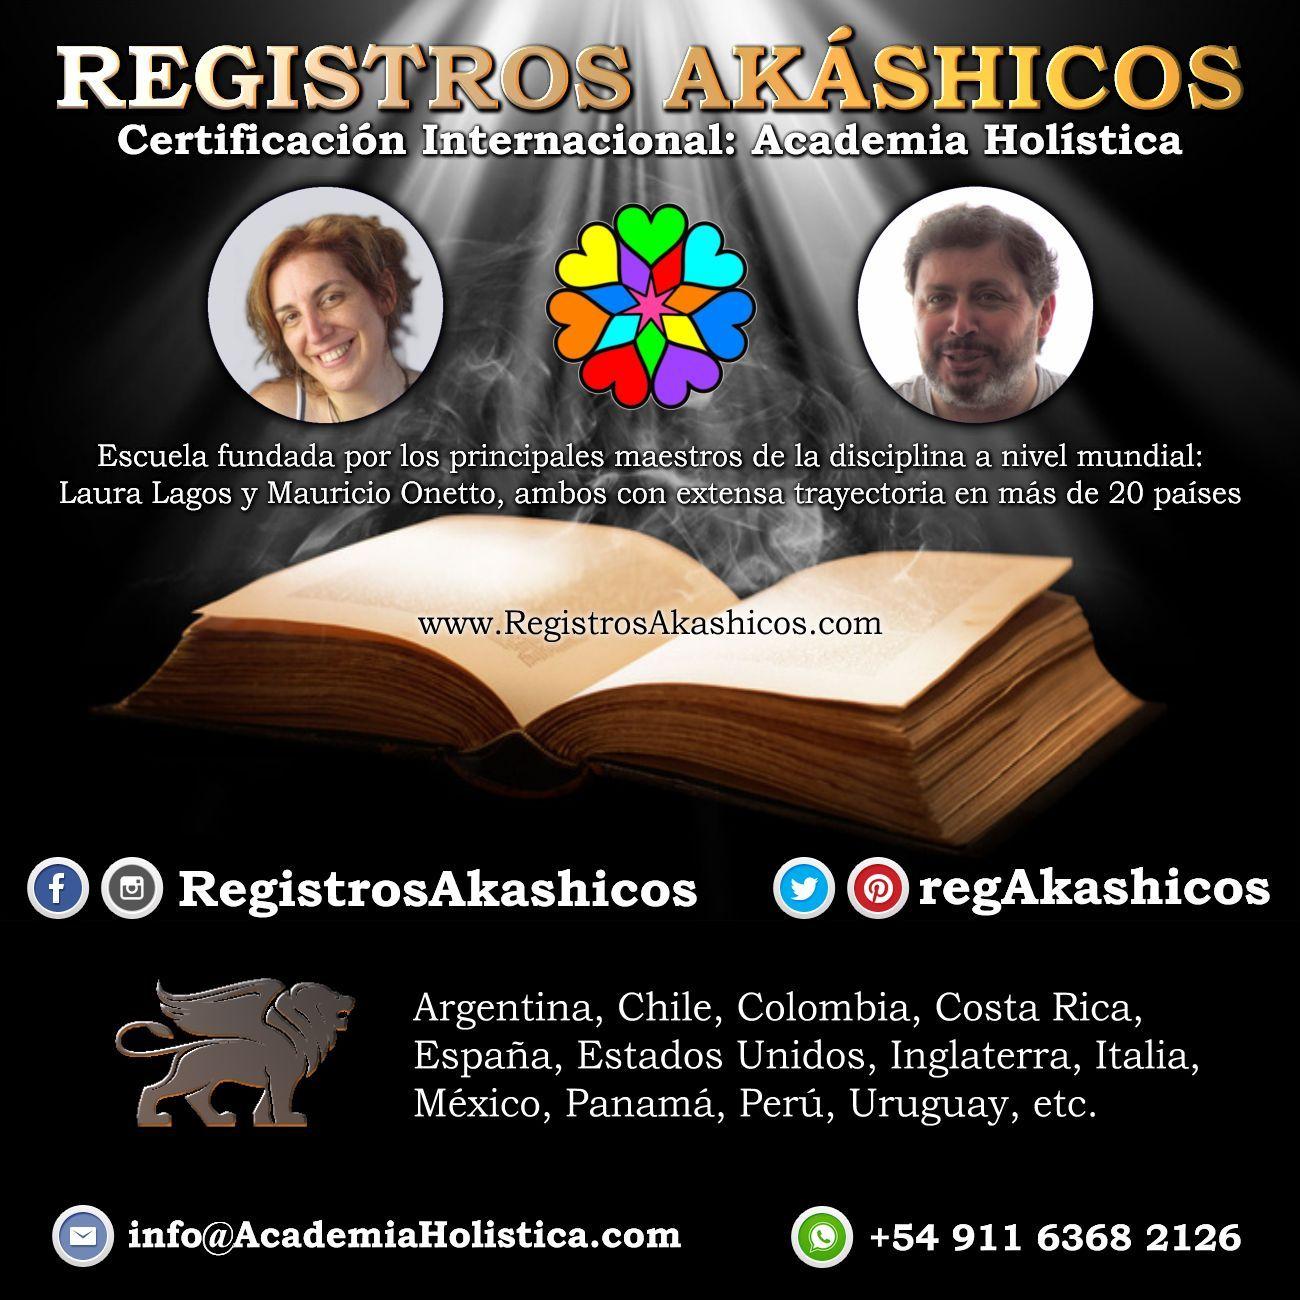 62 Ideas De Registros Akáshicos Registros Akashicos Akashicos Registros